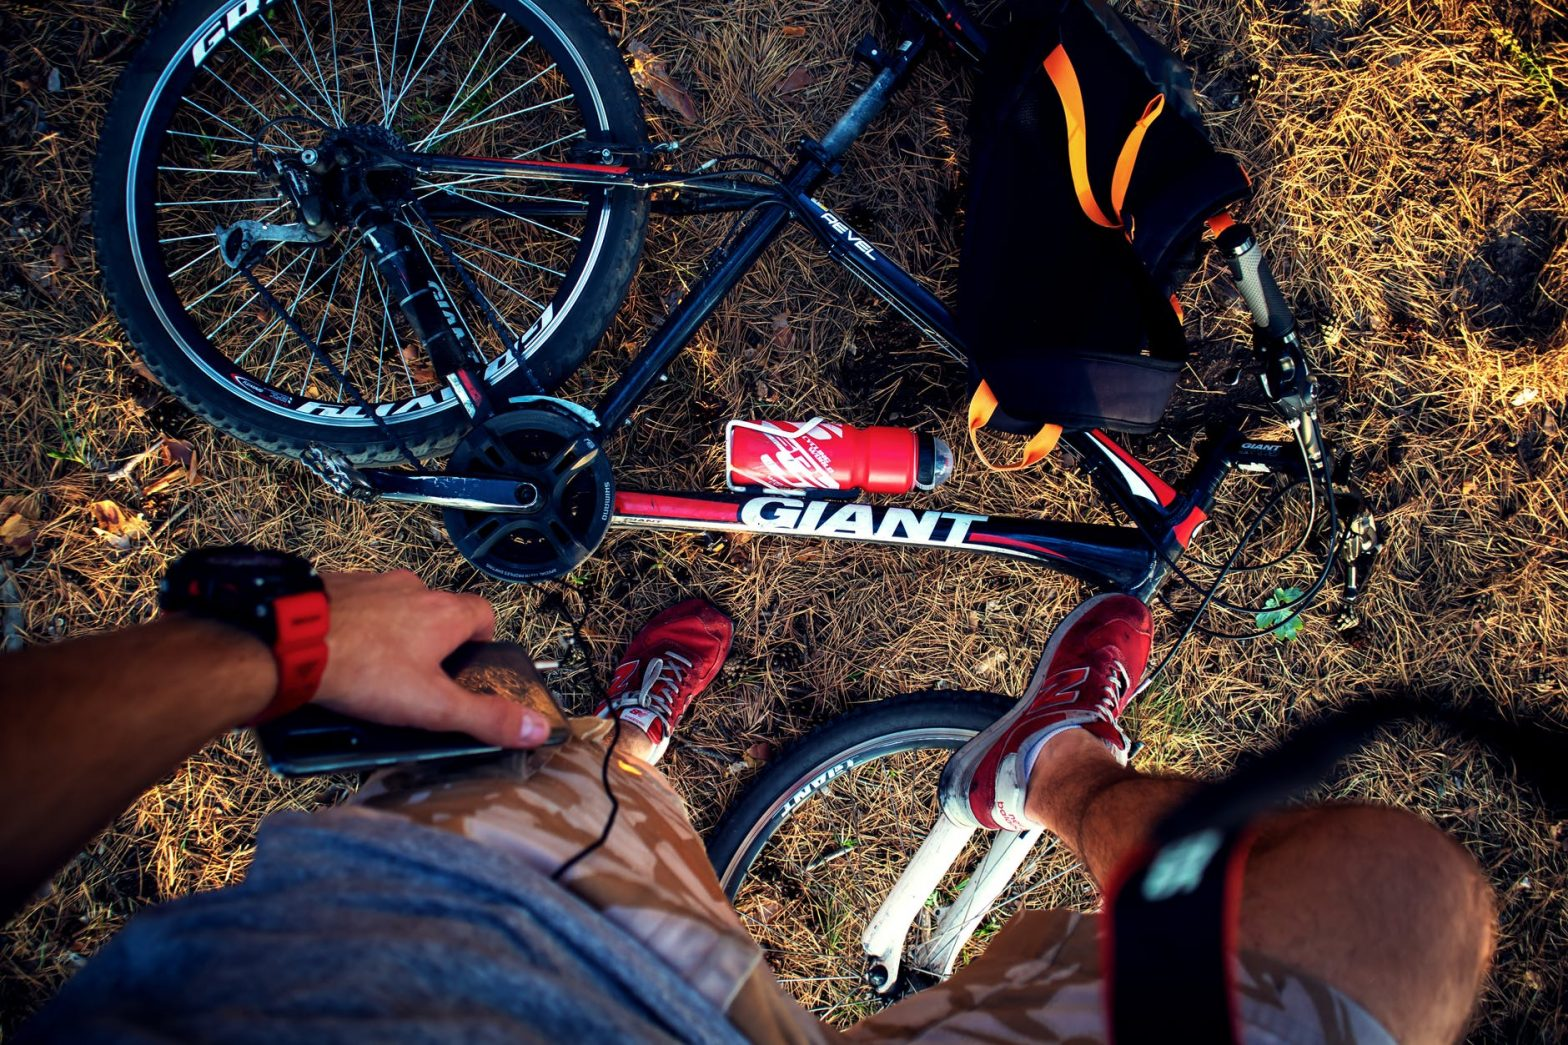 z czego składa się rower